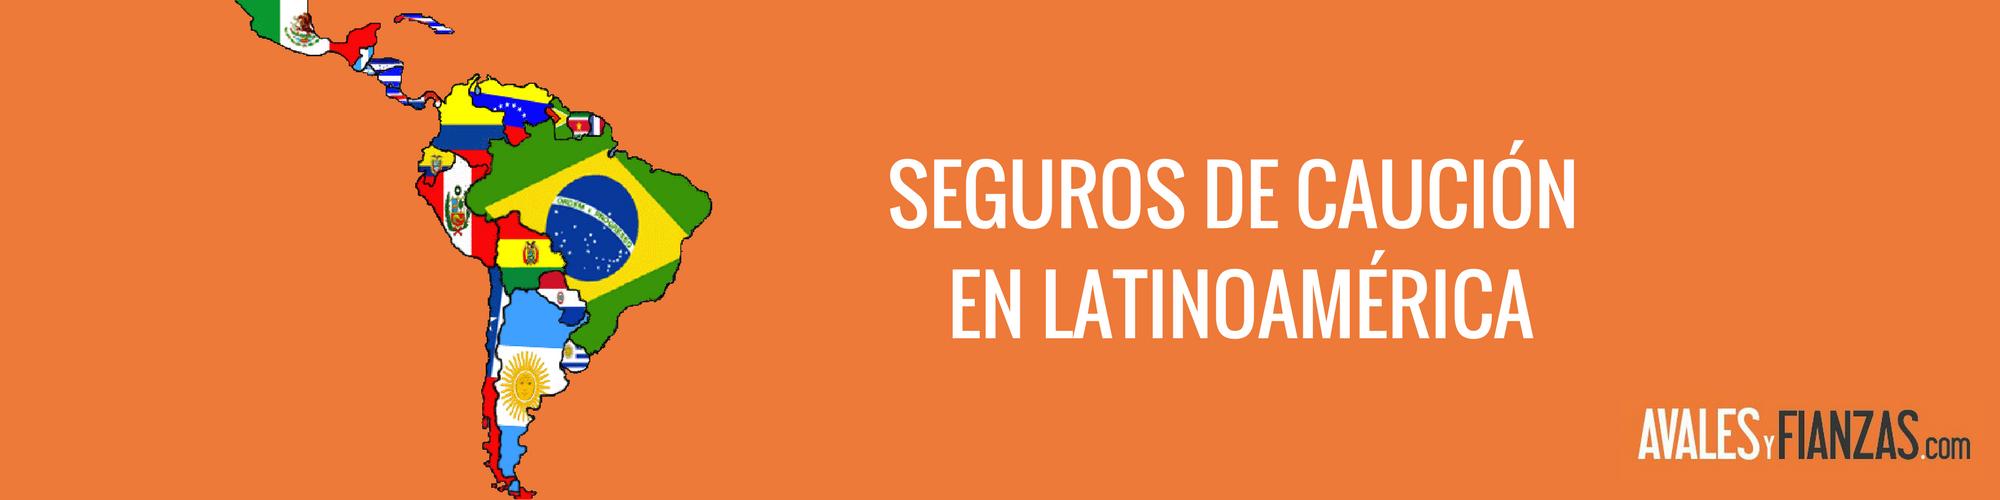 Seguros de Caución en Latinoamérica